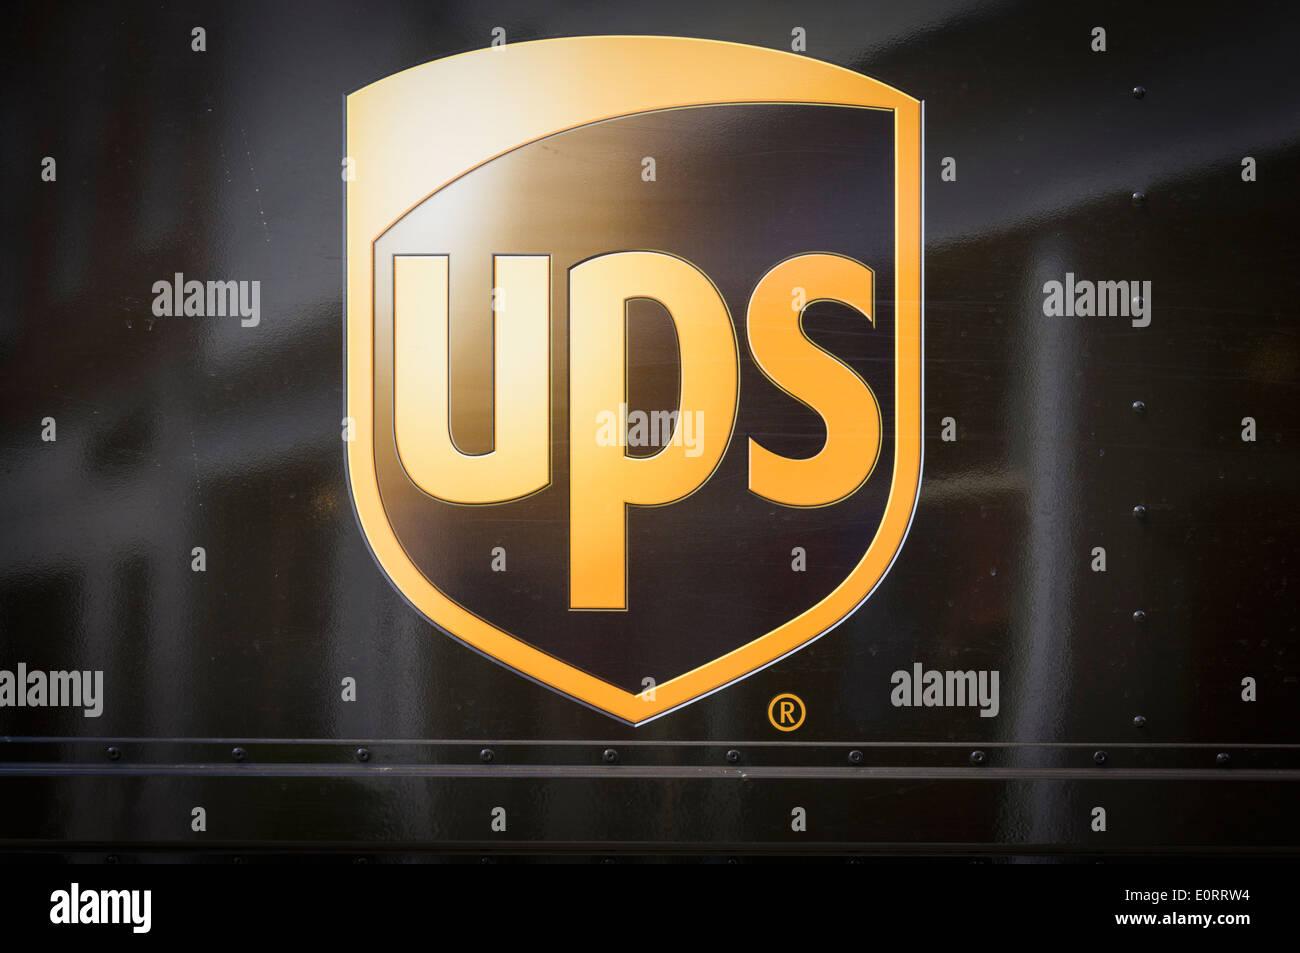 Il logo UPS sul lato di un furgone per la consegna Immagini Stock